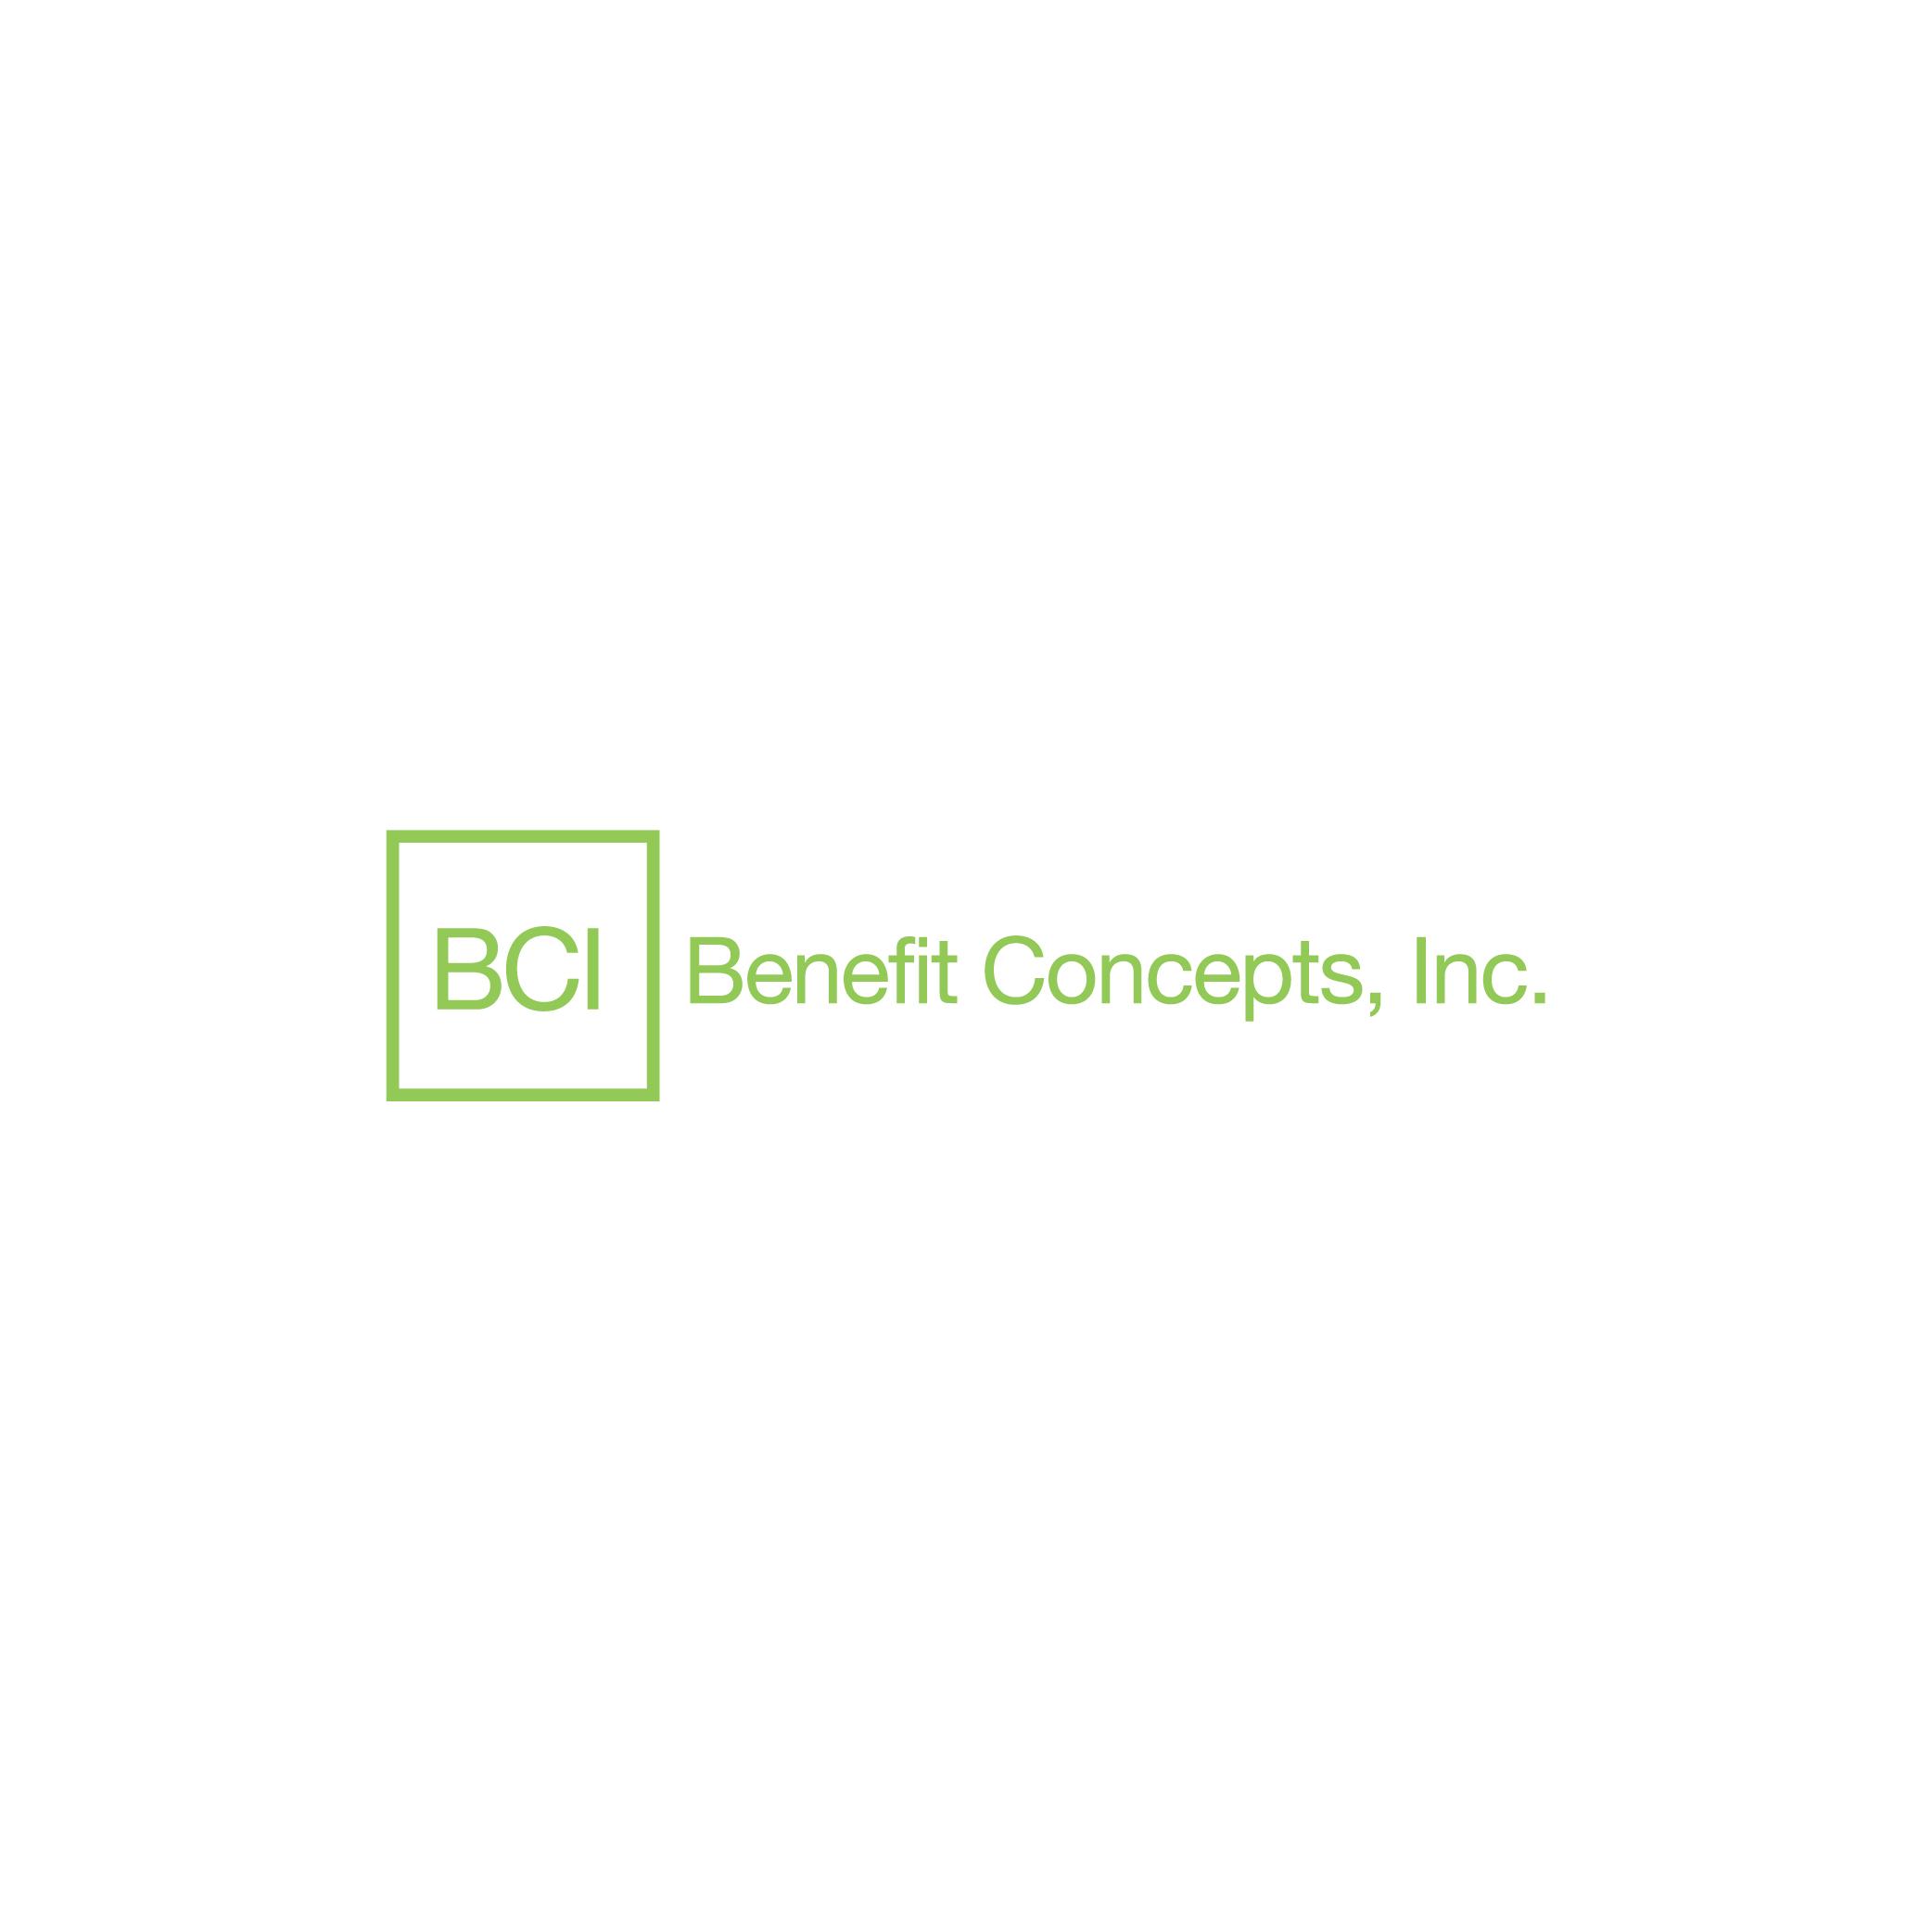 BCI Box.jpg